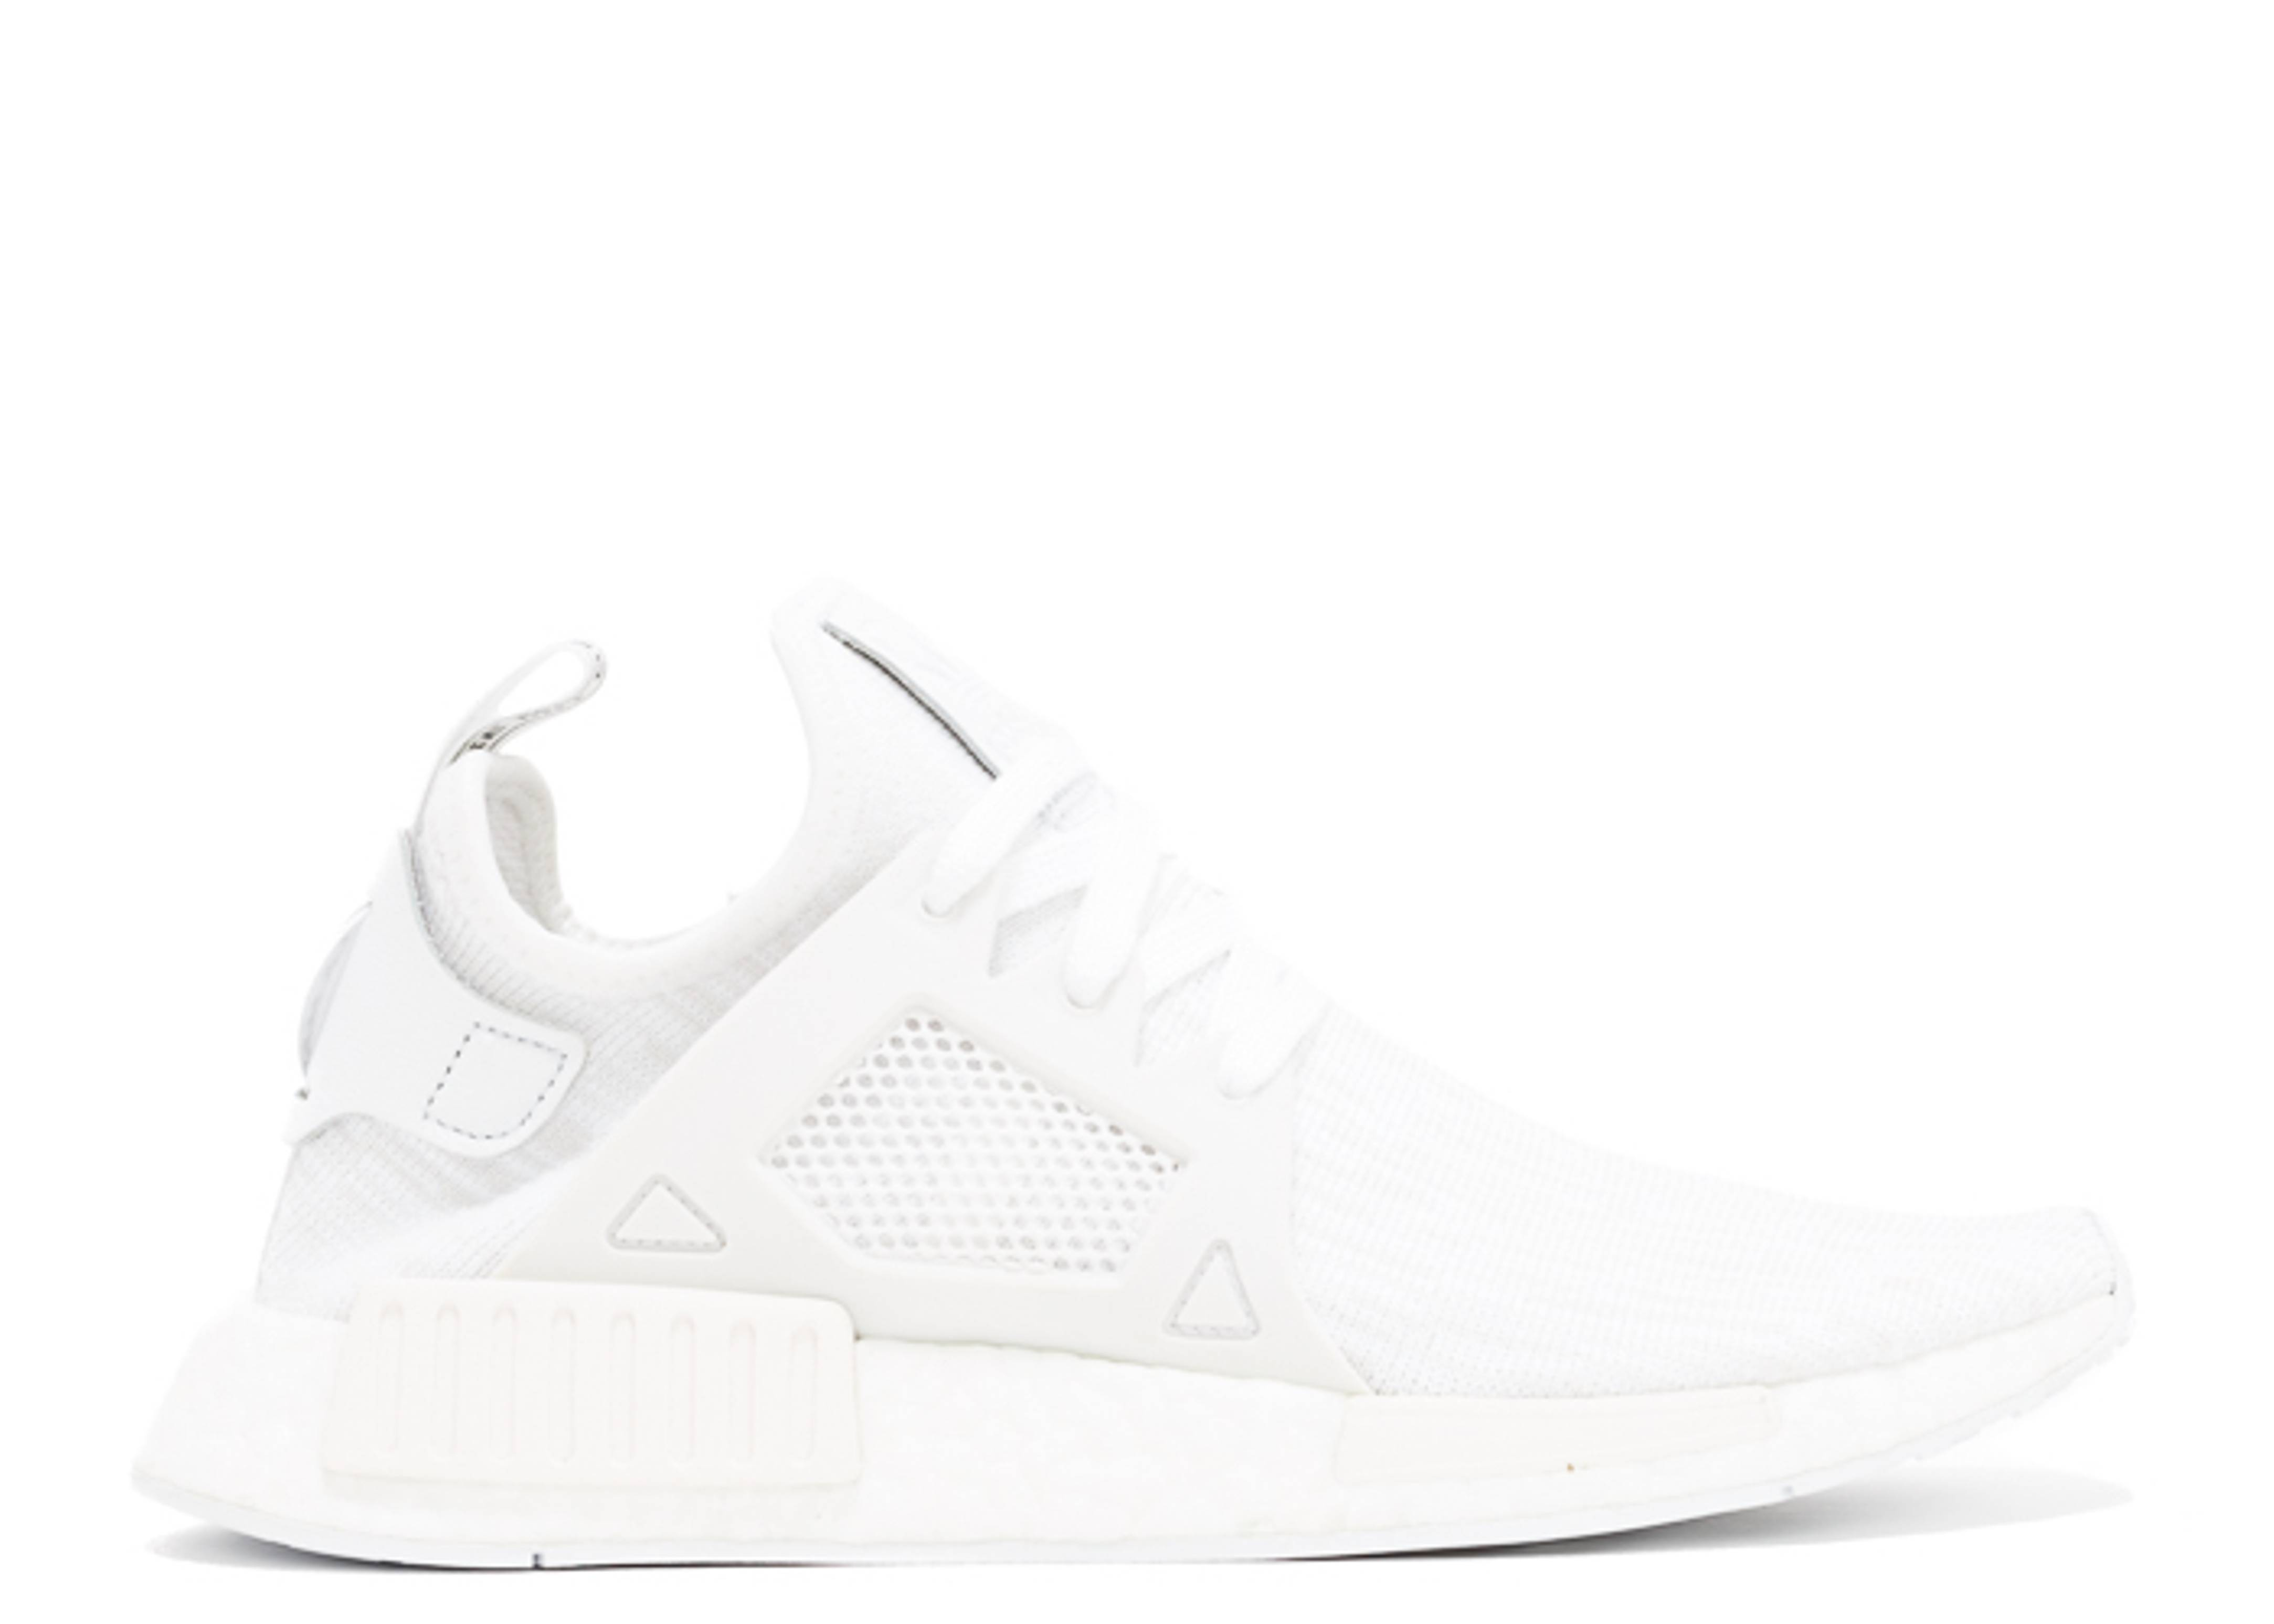 Nike NMD xr1 größe 44 und 43 13